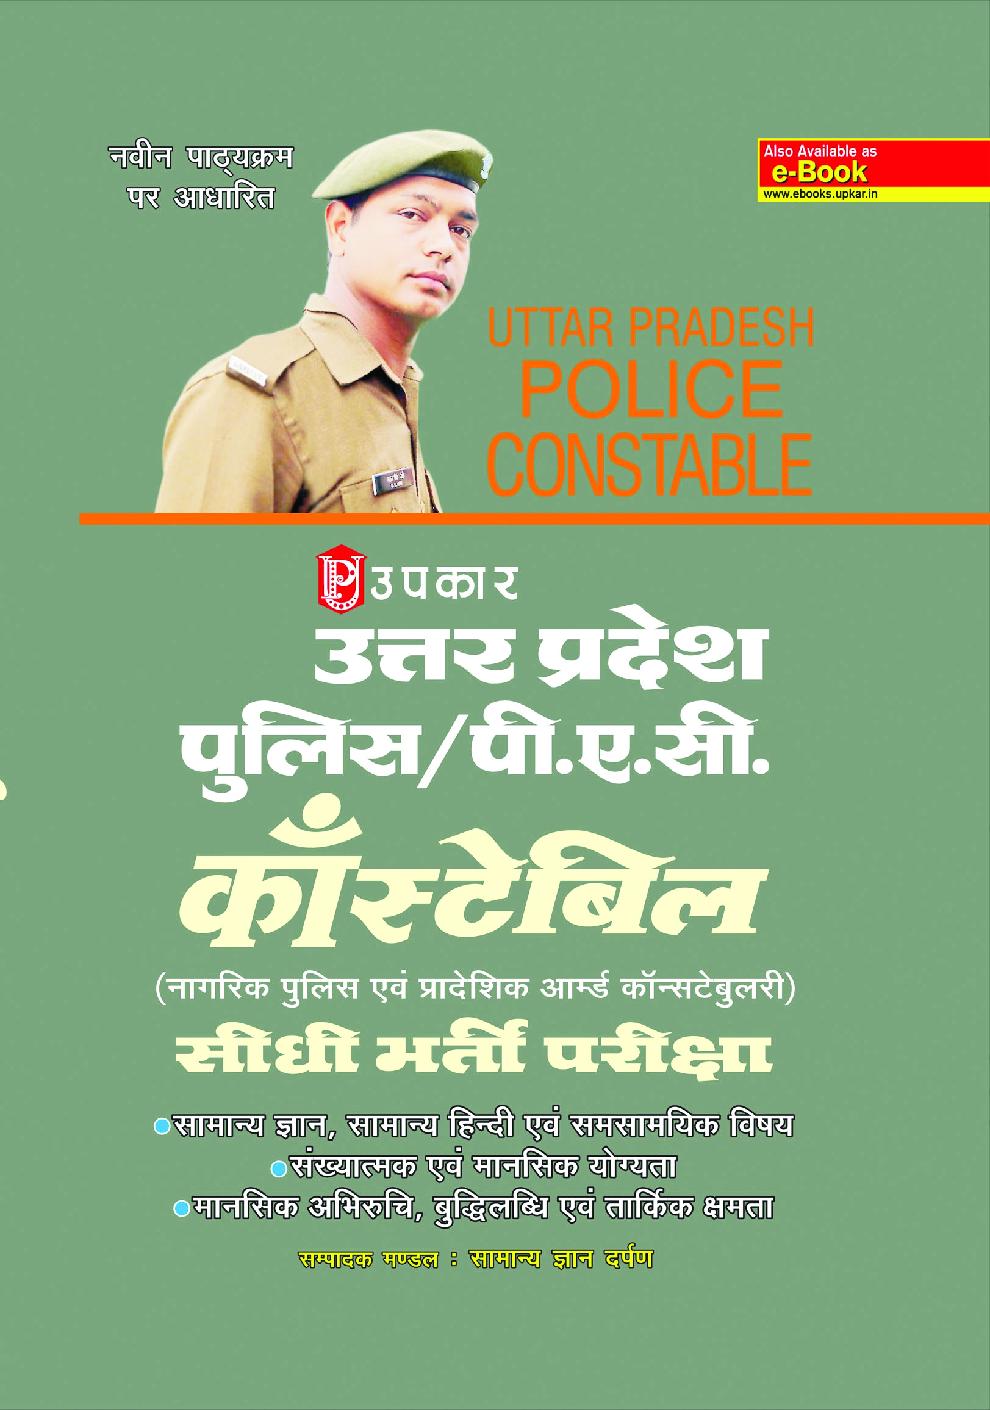 उत्तरप्रदेश पुलिस/ पी.ए.सी. कॉंस्टेबल प्रारंभिक परीक्षा Revised Edition - Page 1